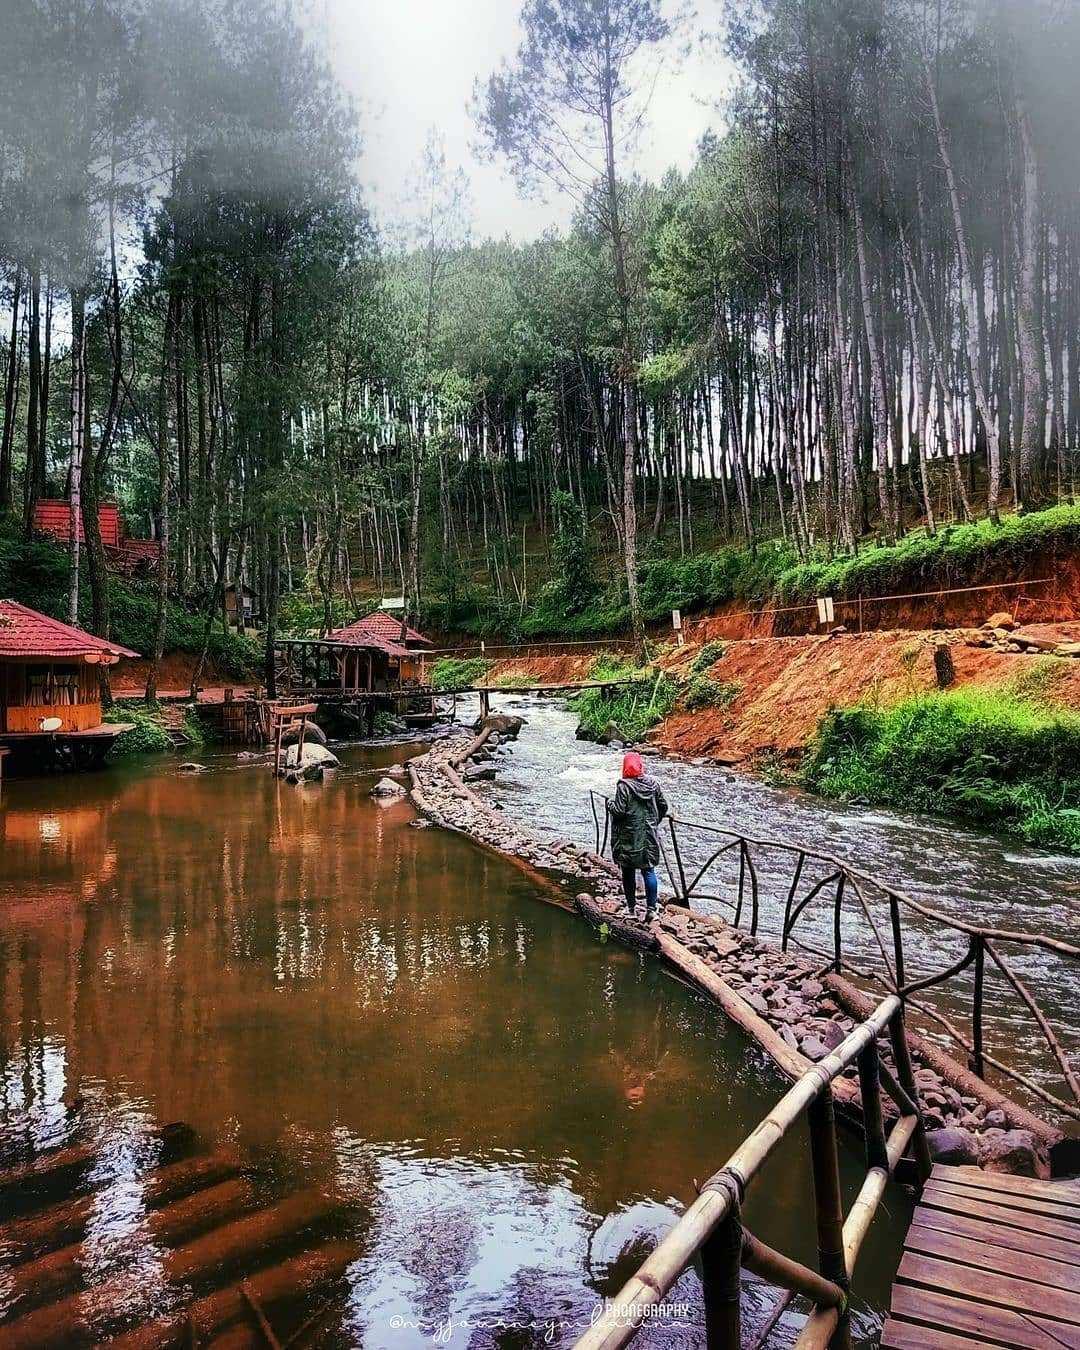 Pemandangan Sungai Dan Kabut Di Kampung Singkur Image From @myjourneymharina